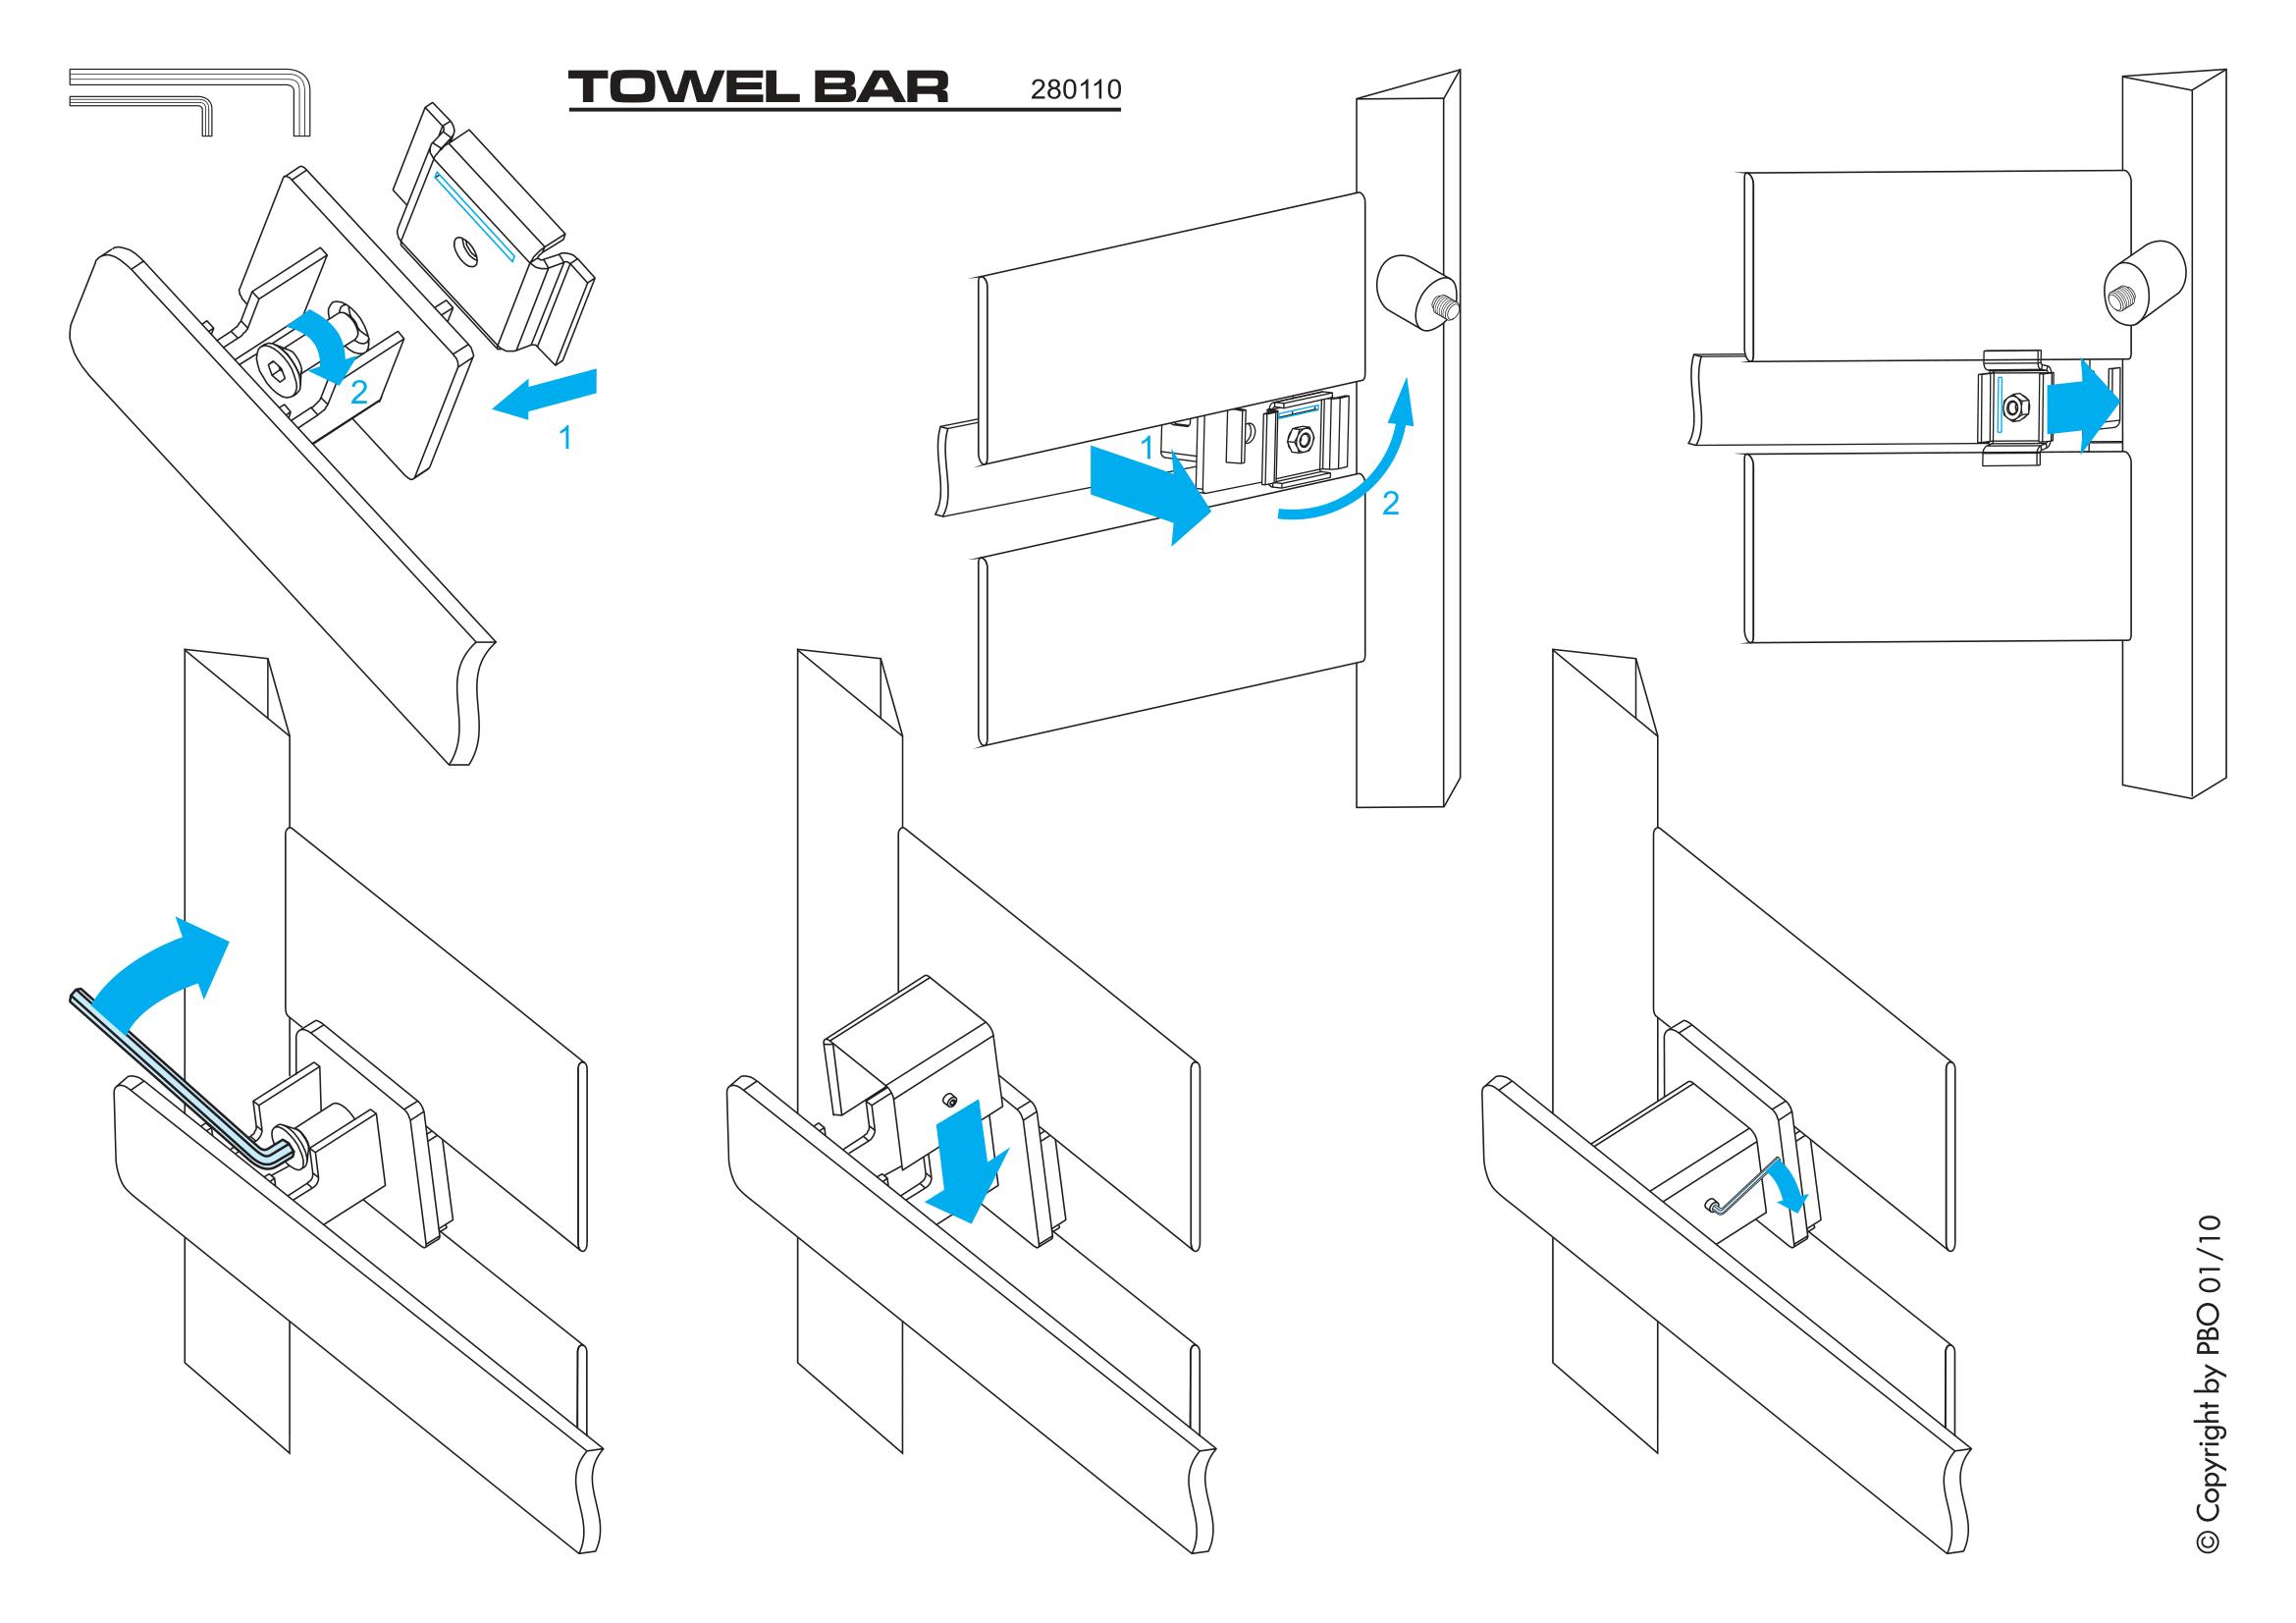 Фотография Инструкция по монтажу дизайнерского полотенцесушителя Zehnder Metropolitan Bar